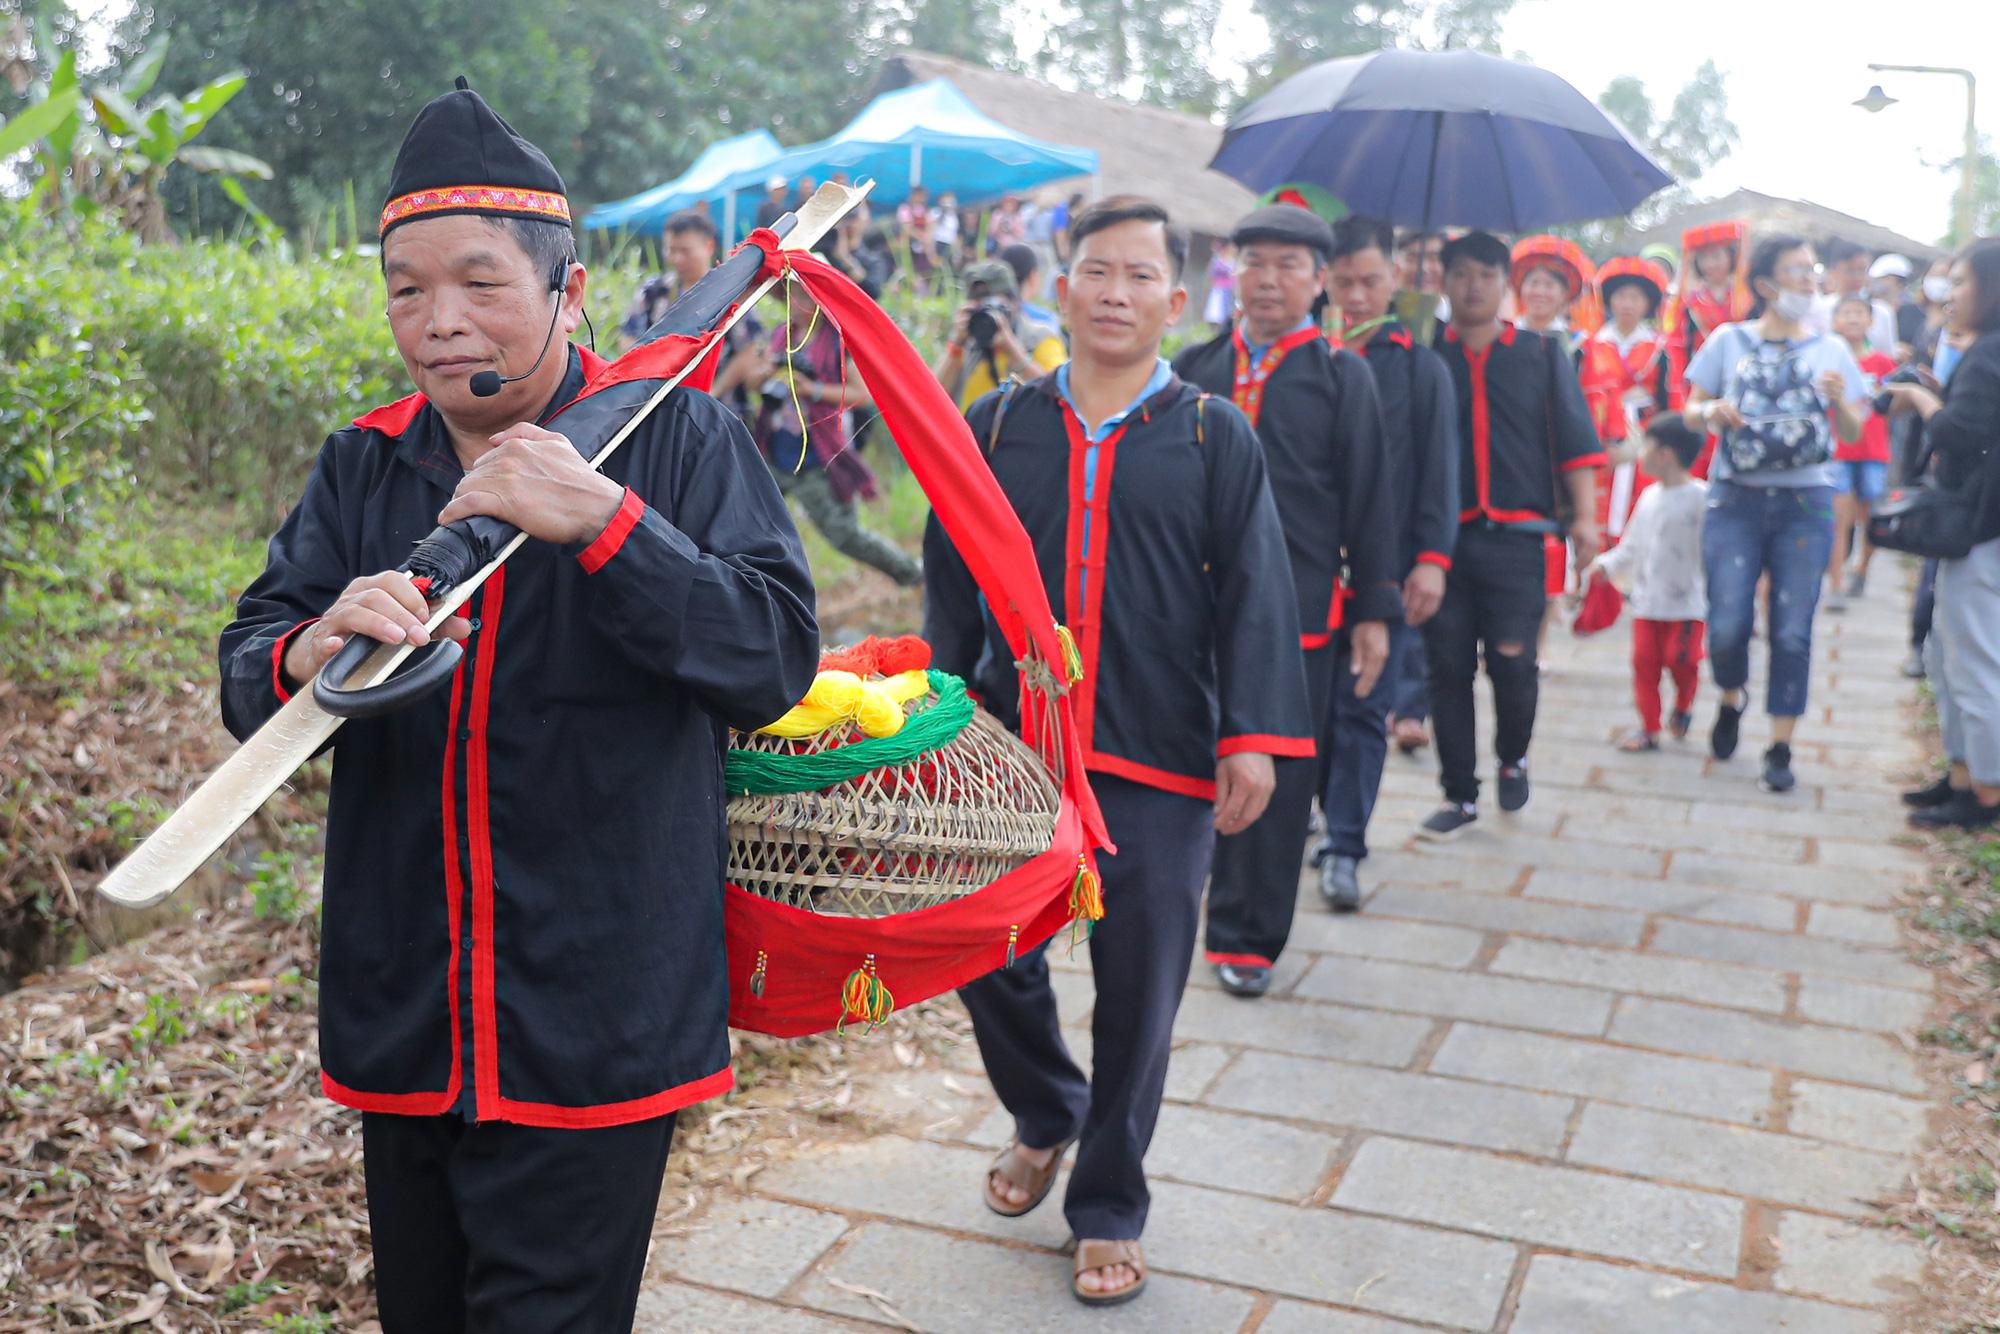 Quan làng nhận nhiệm vụ và lễ vật rồi ra cửa trước đợi chú rể và cả đoàn cùng sang nhà gái để đón dâu về